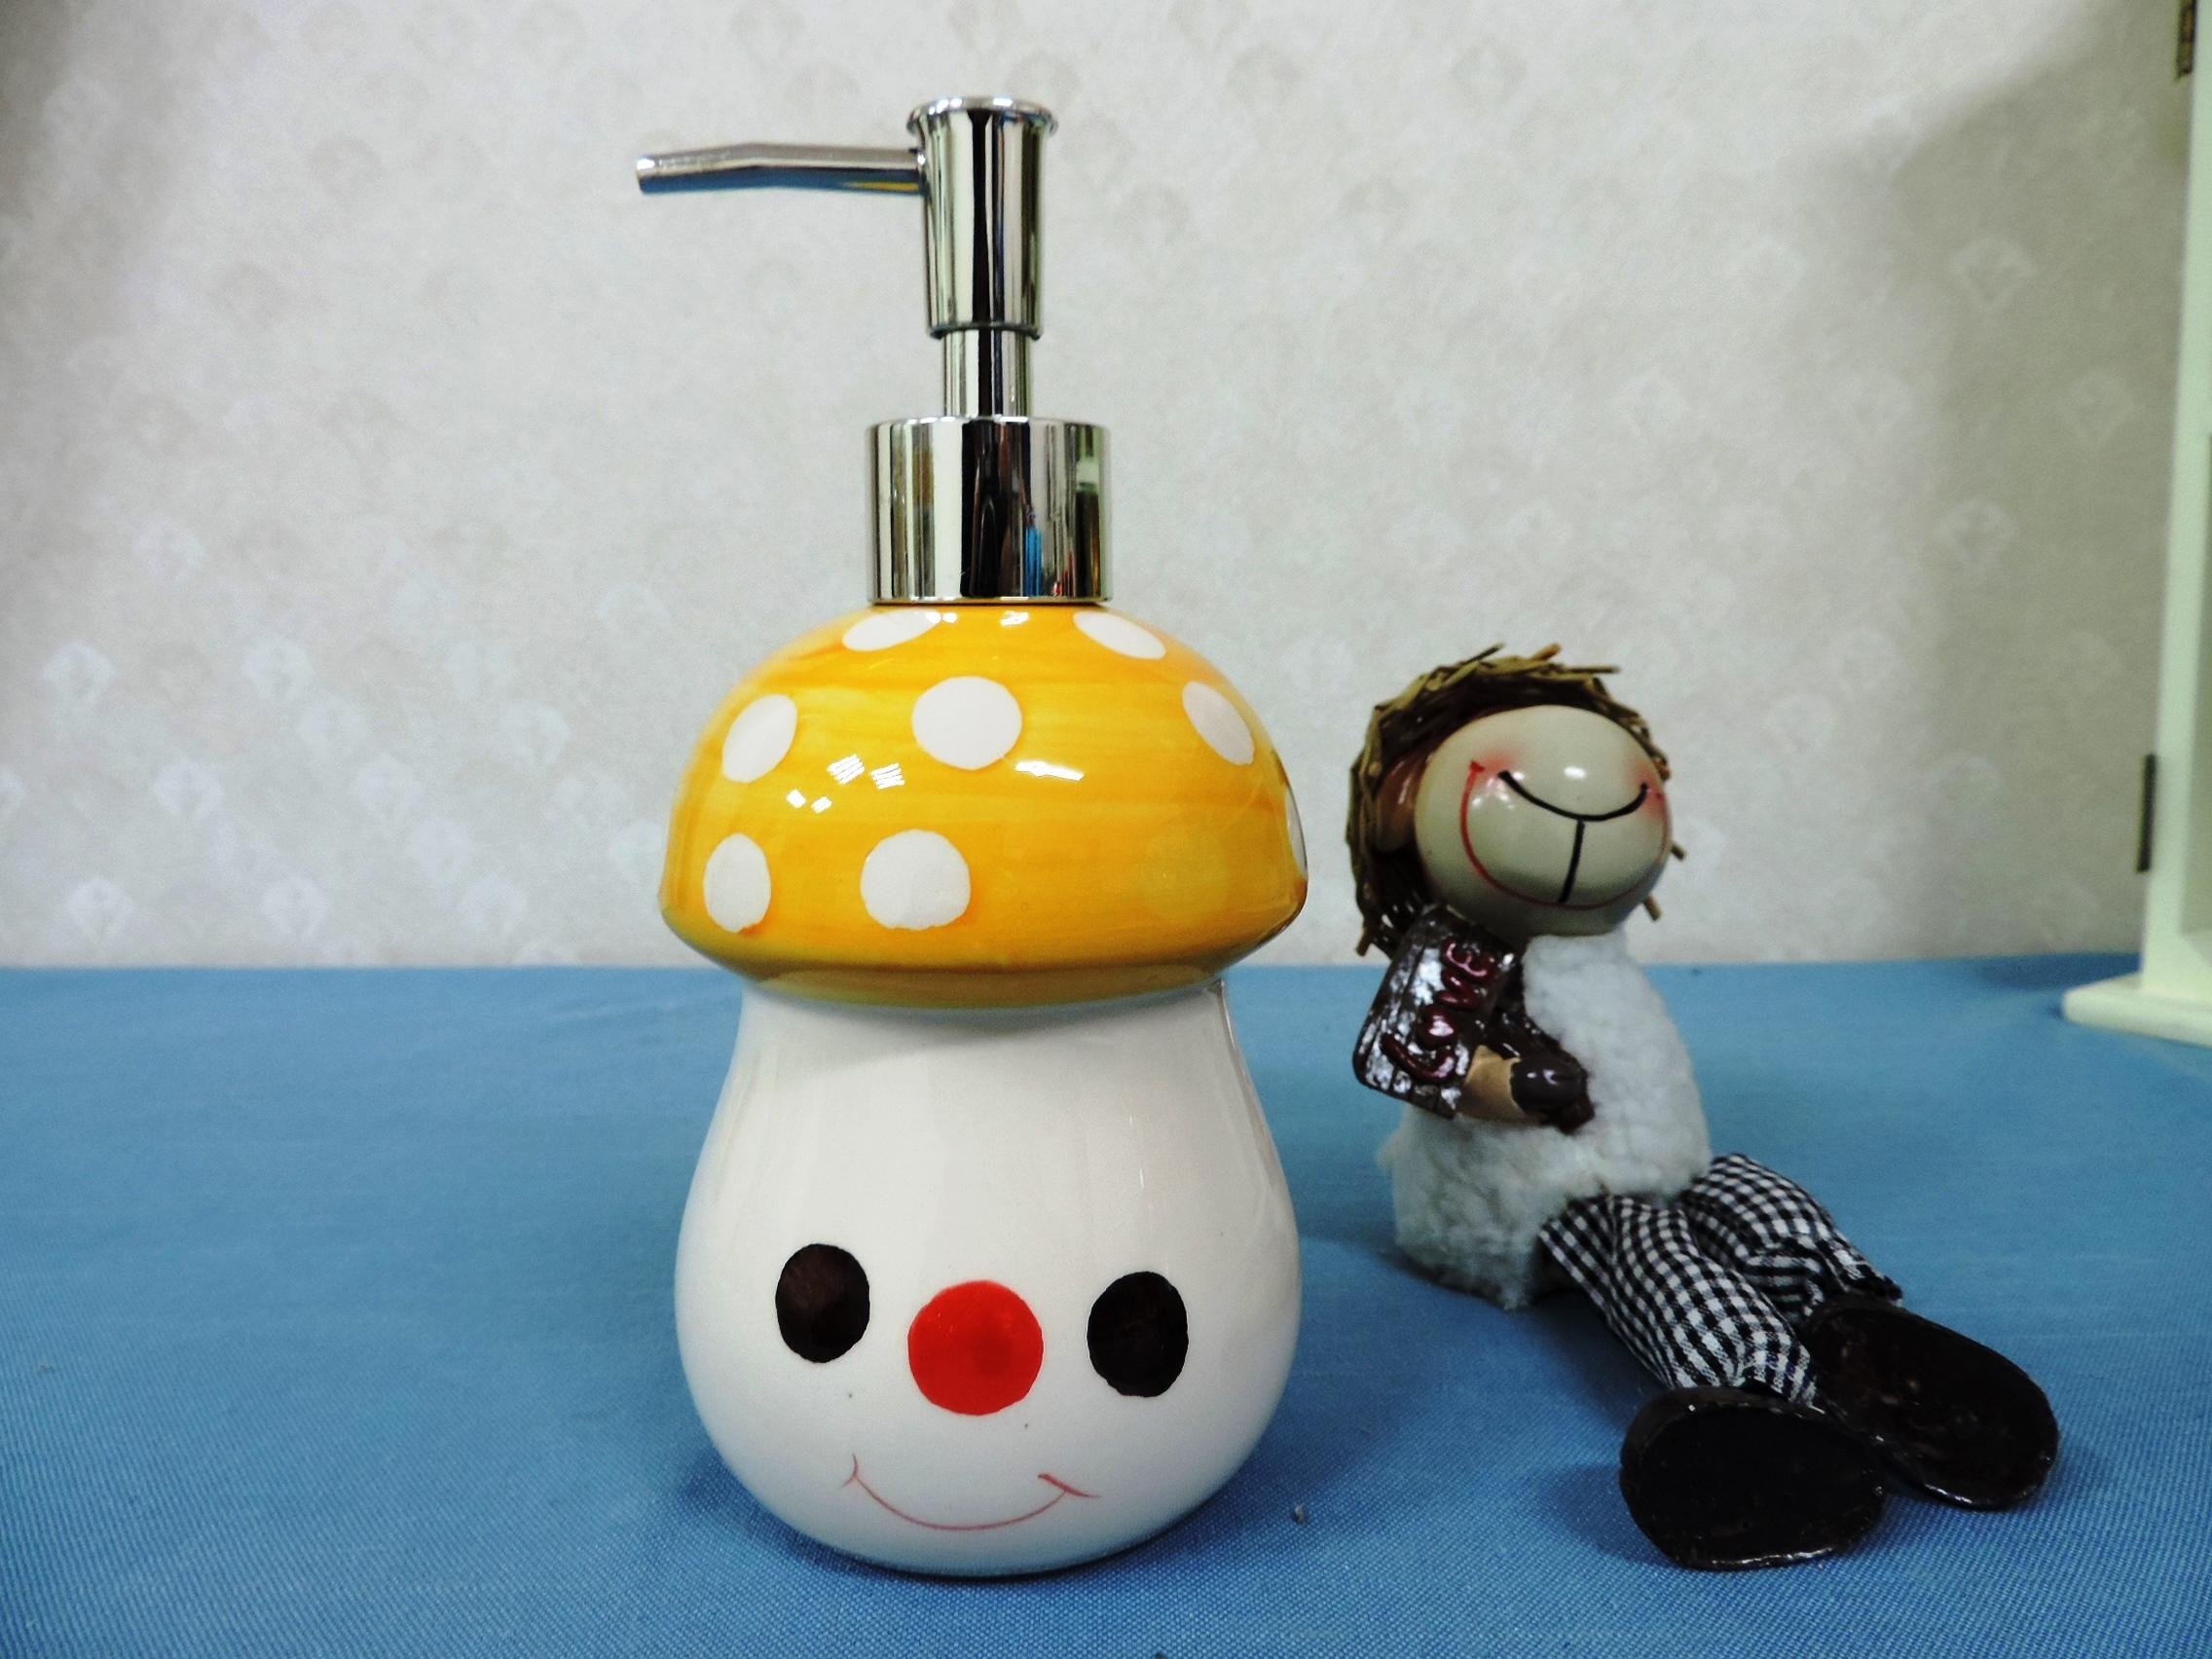 ↙特價 ↘ 《黃色》可愛蘑菇造型乳液罐 洗手液罐 沐浴瓶 洗髮乳 填充罐 洗碗精罐◤彩虹森林◥